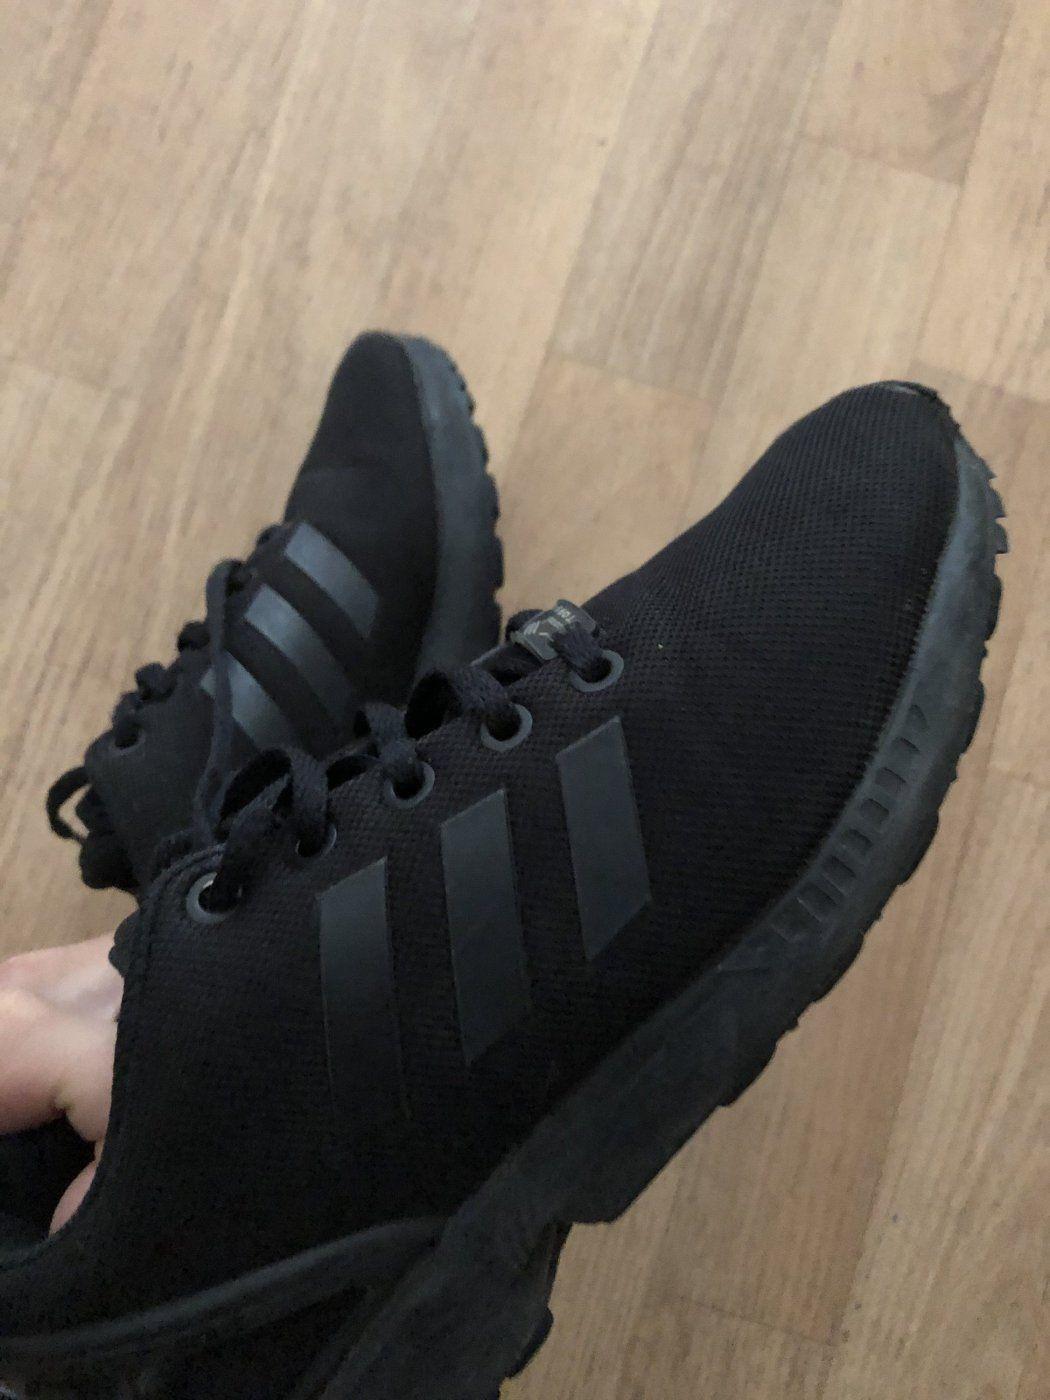 Sneaker Mit Gebrauchsspuren Aus Adidas Schnrsneaker Adidas Zx Flux In Gre 37 Und Farbe Schwarz Der Zustand Von Adi In 2020 All Black Sneakers Sneakers Black Sneaker